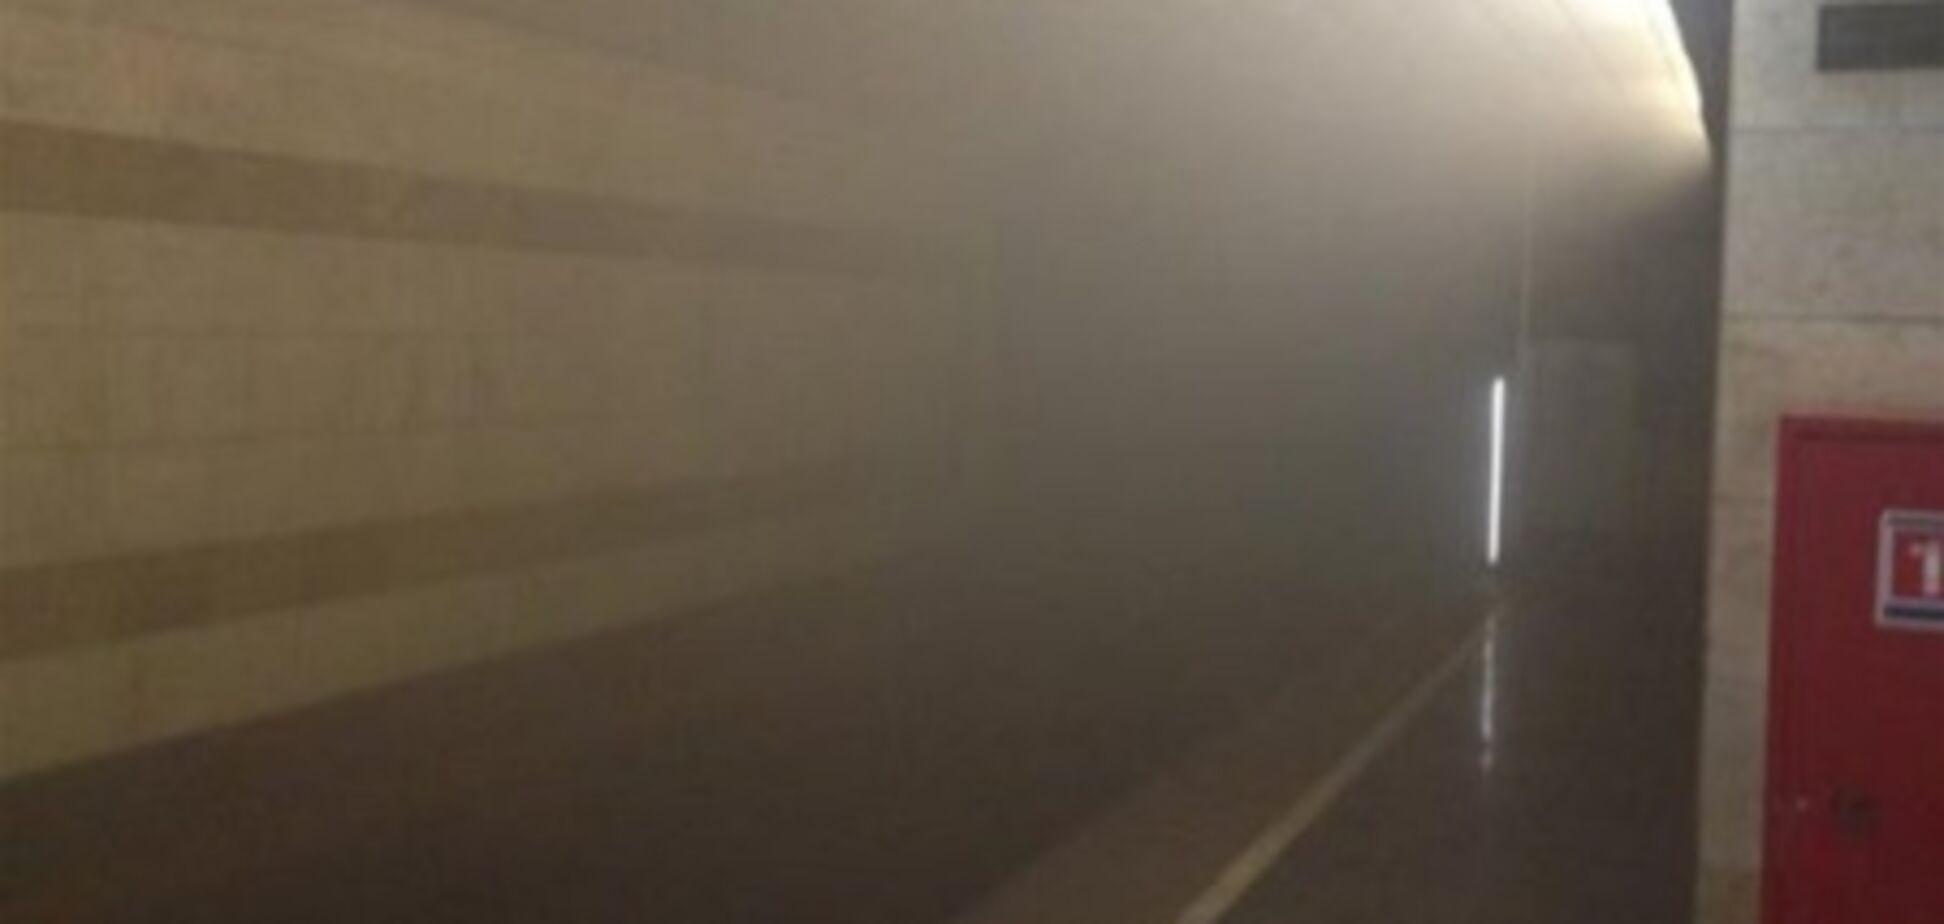 Названа причина пожара на станции метро 'Осокорки'